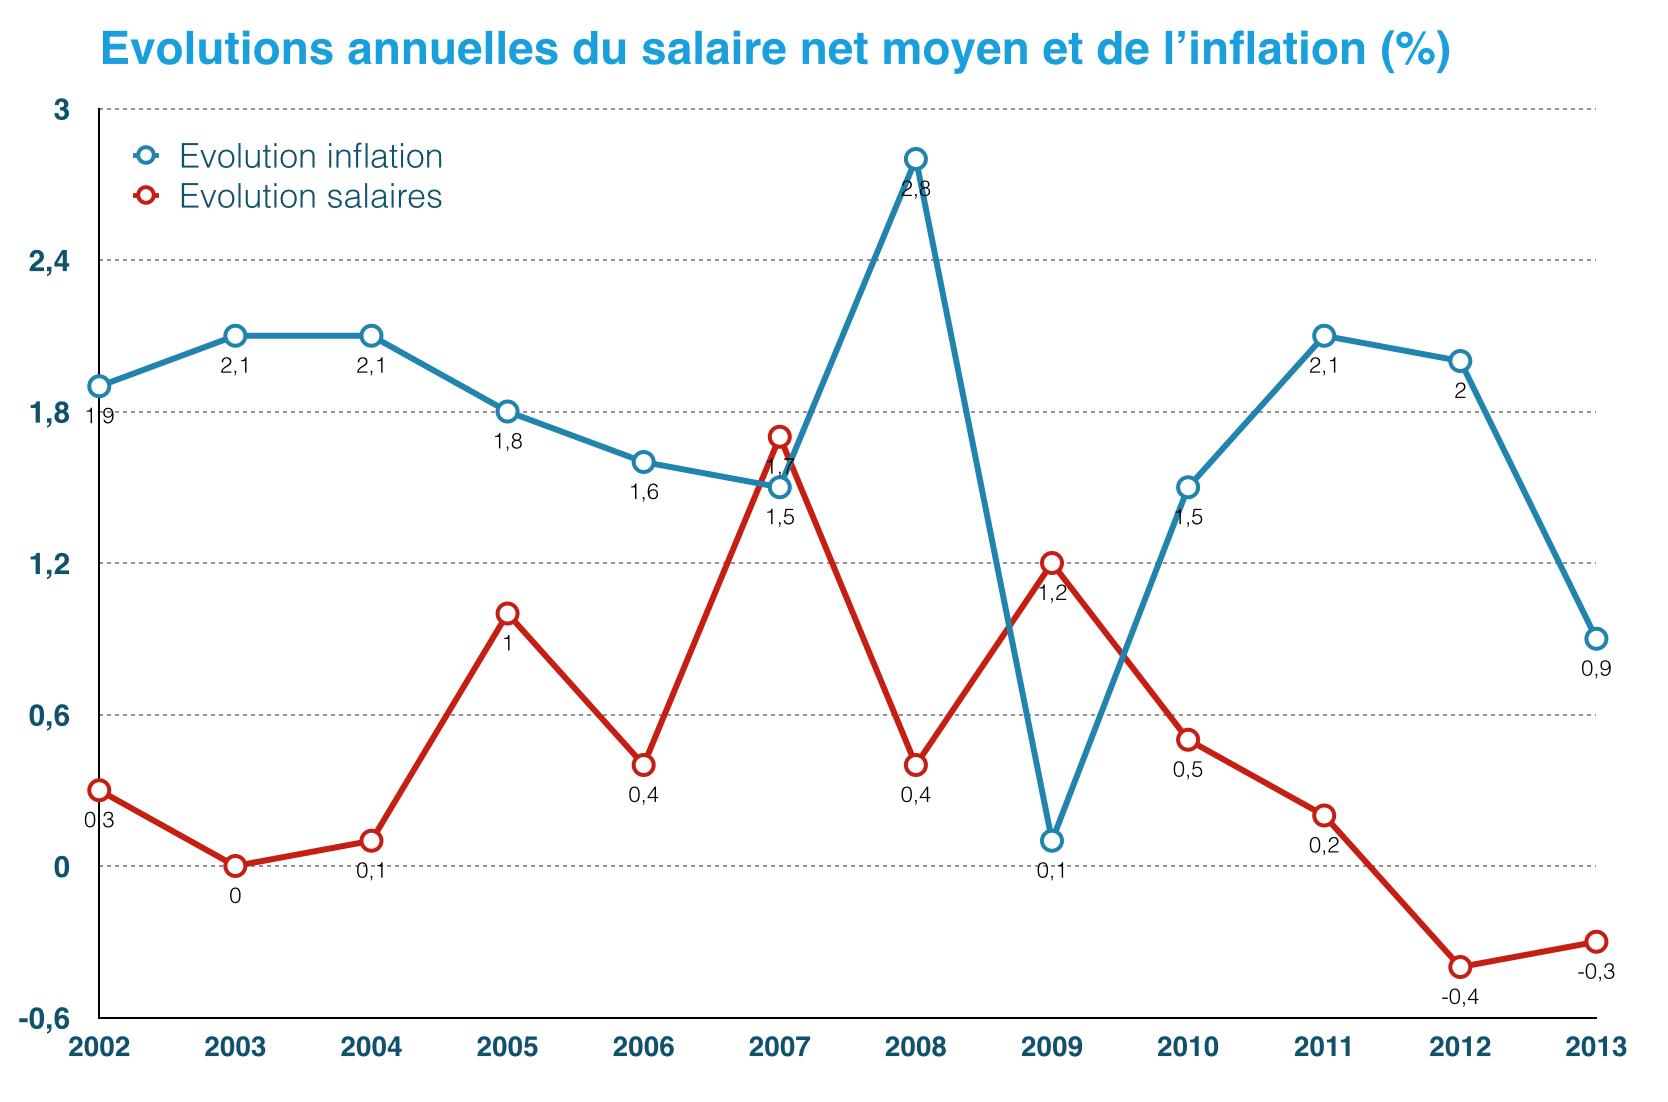 Evolution annuelles du salaire net moyen et de l'inflation